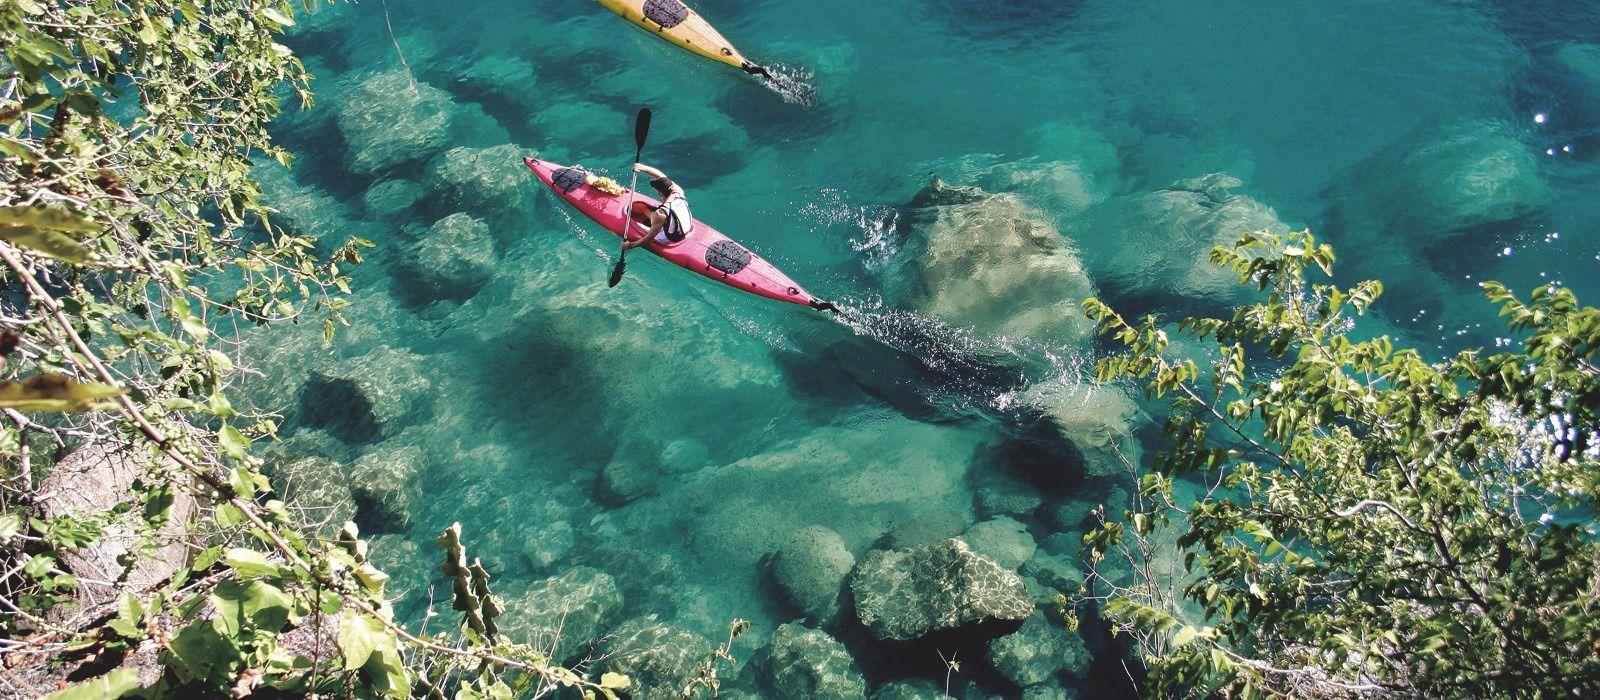 Abenteuerreise: Sambia, Malawi & Mosambik für Entdecker Urlaub 3